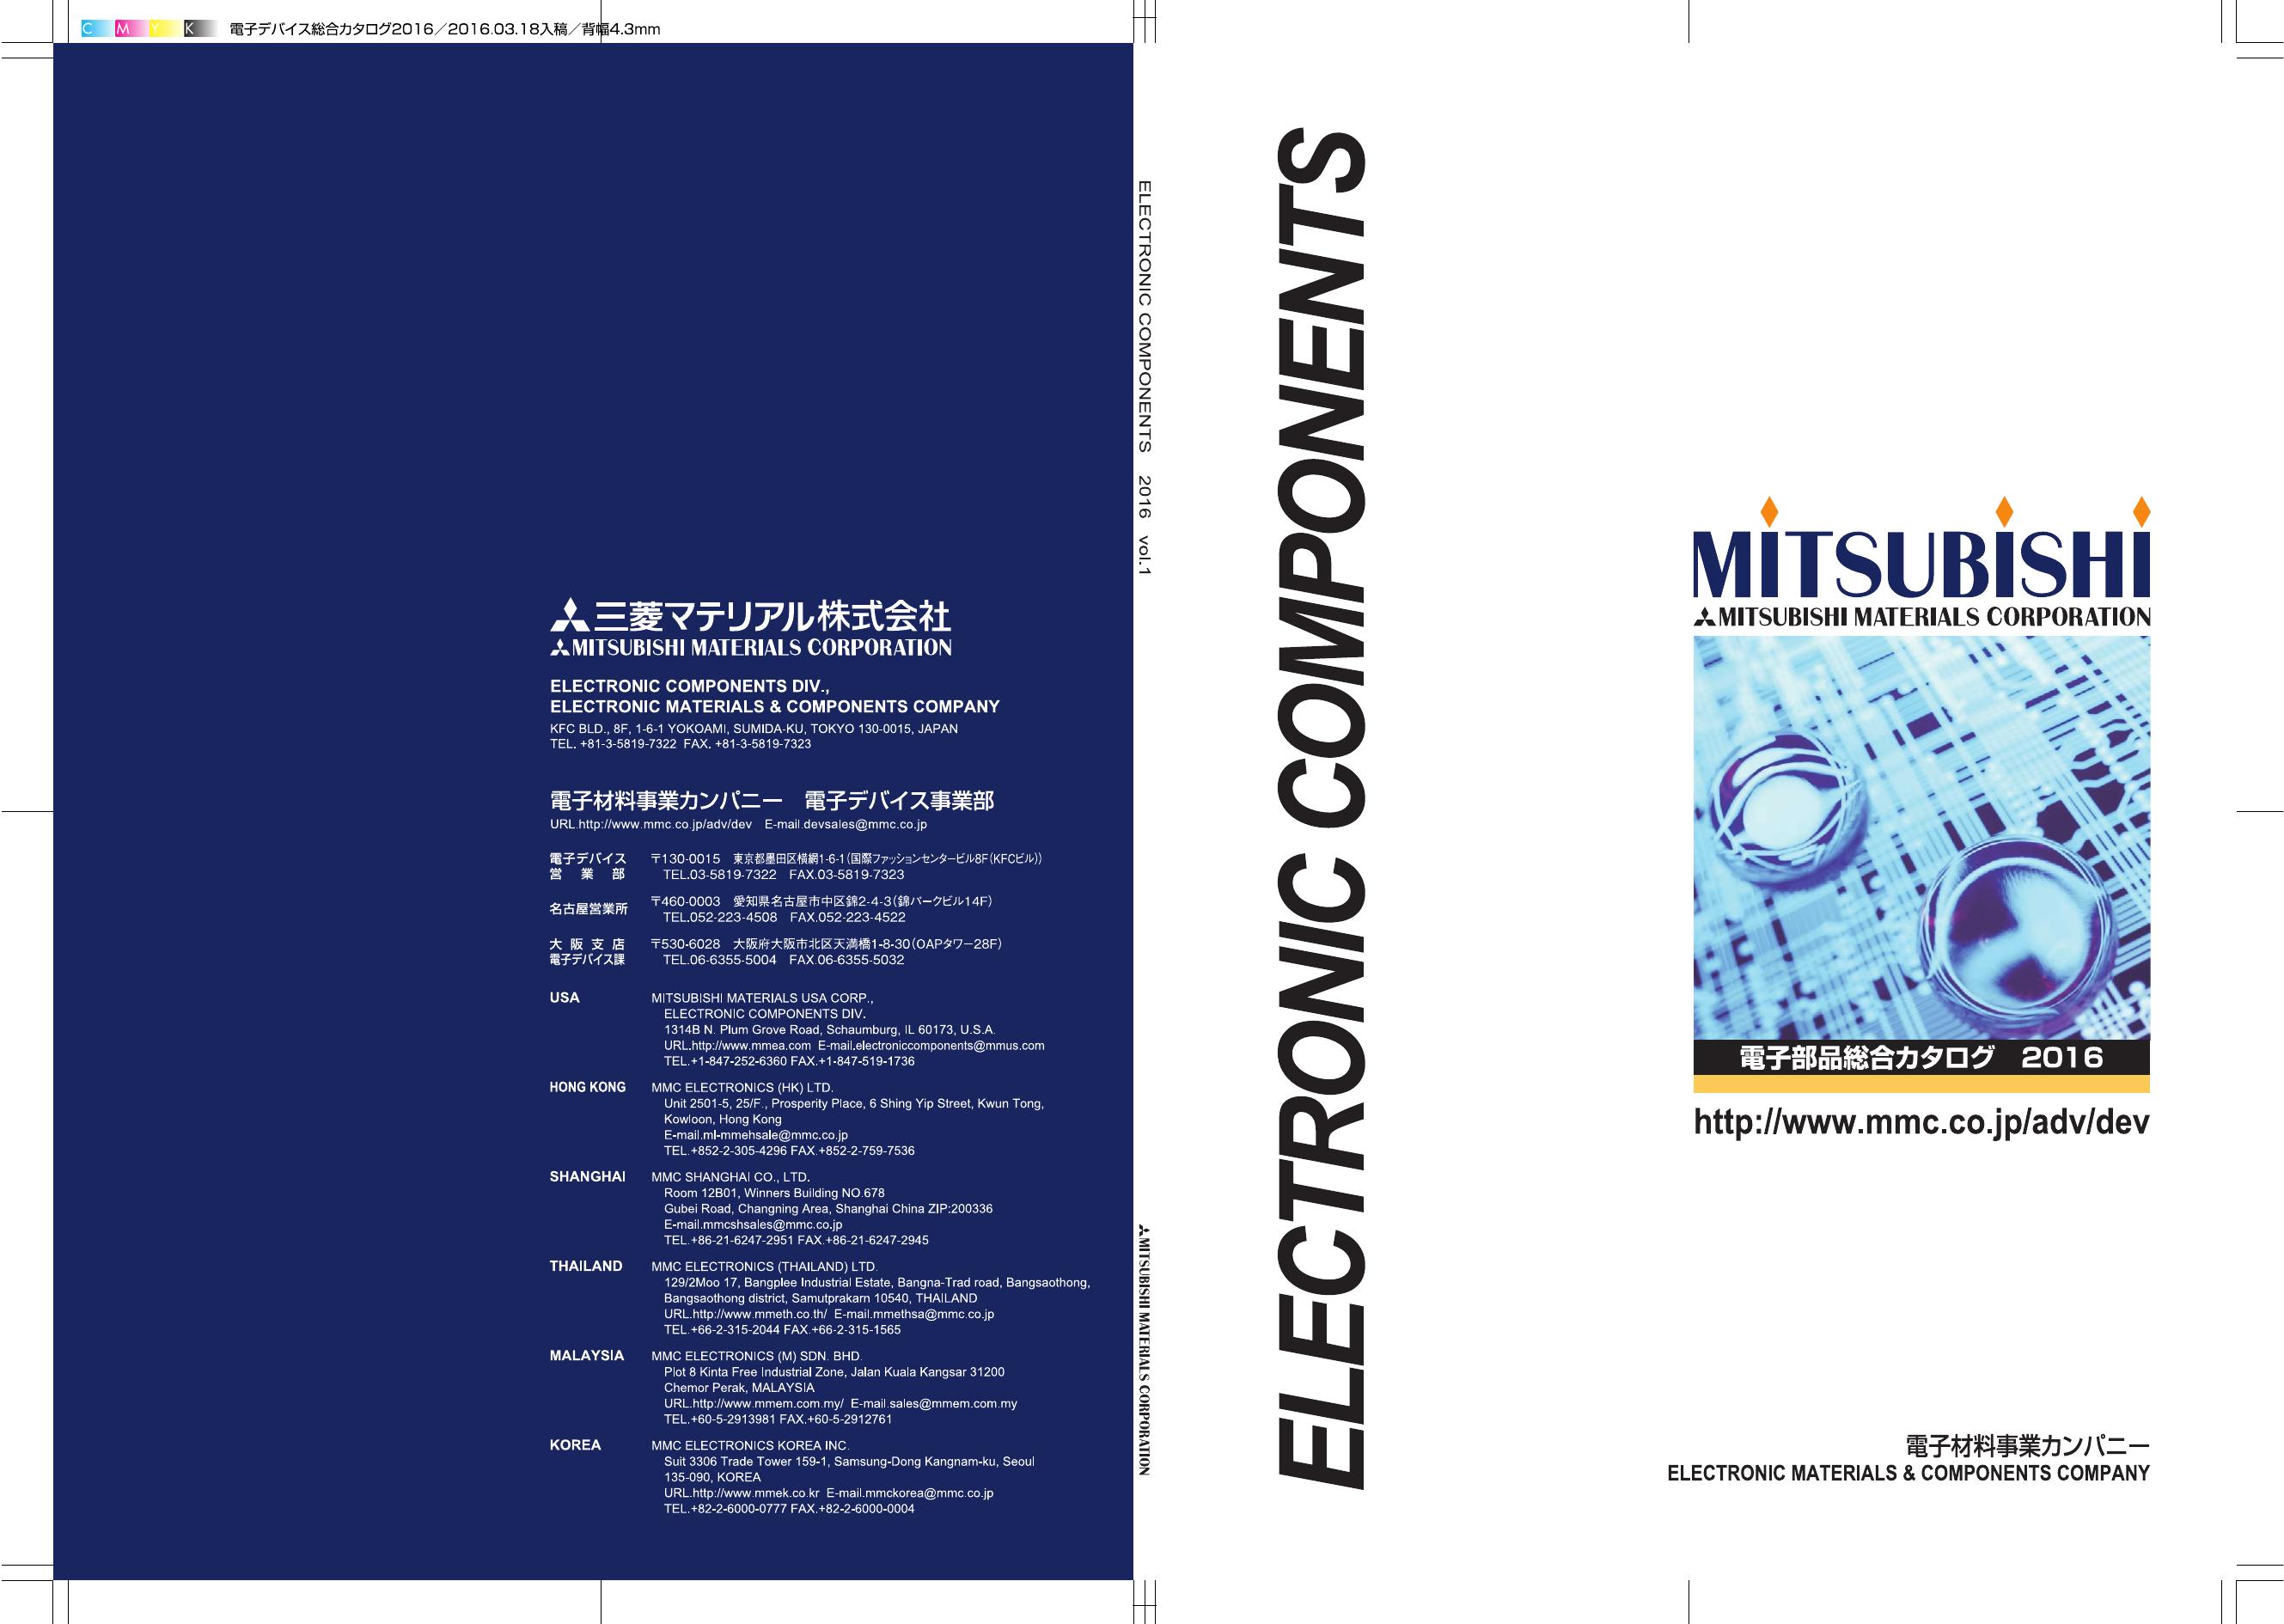 三菱マテリアル電子部品総合カタログ